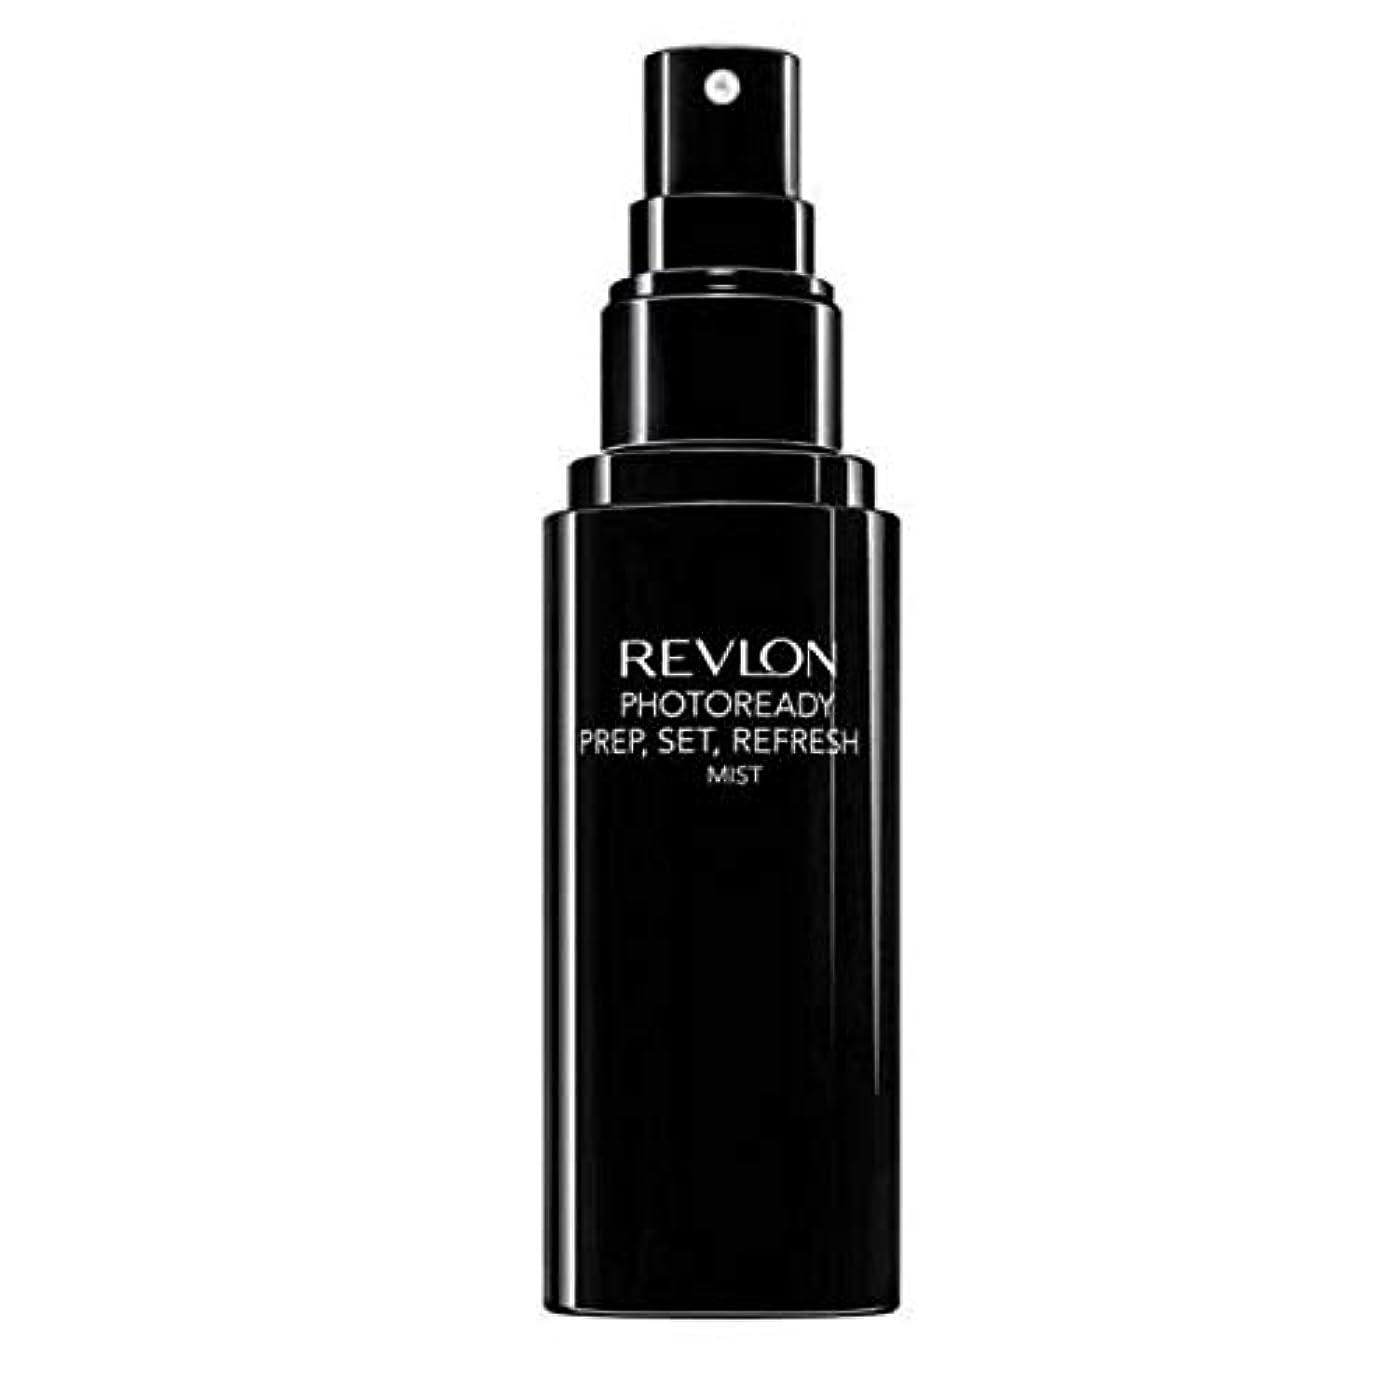 の頭の上内陸等[Revlon ] レブロンPhotoready準備、セット、リフレッシュミスト - Revlon PhotoReady Prep, Set, Refresh Mist [並行輸入品]